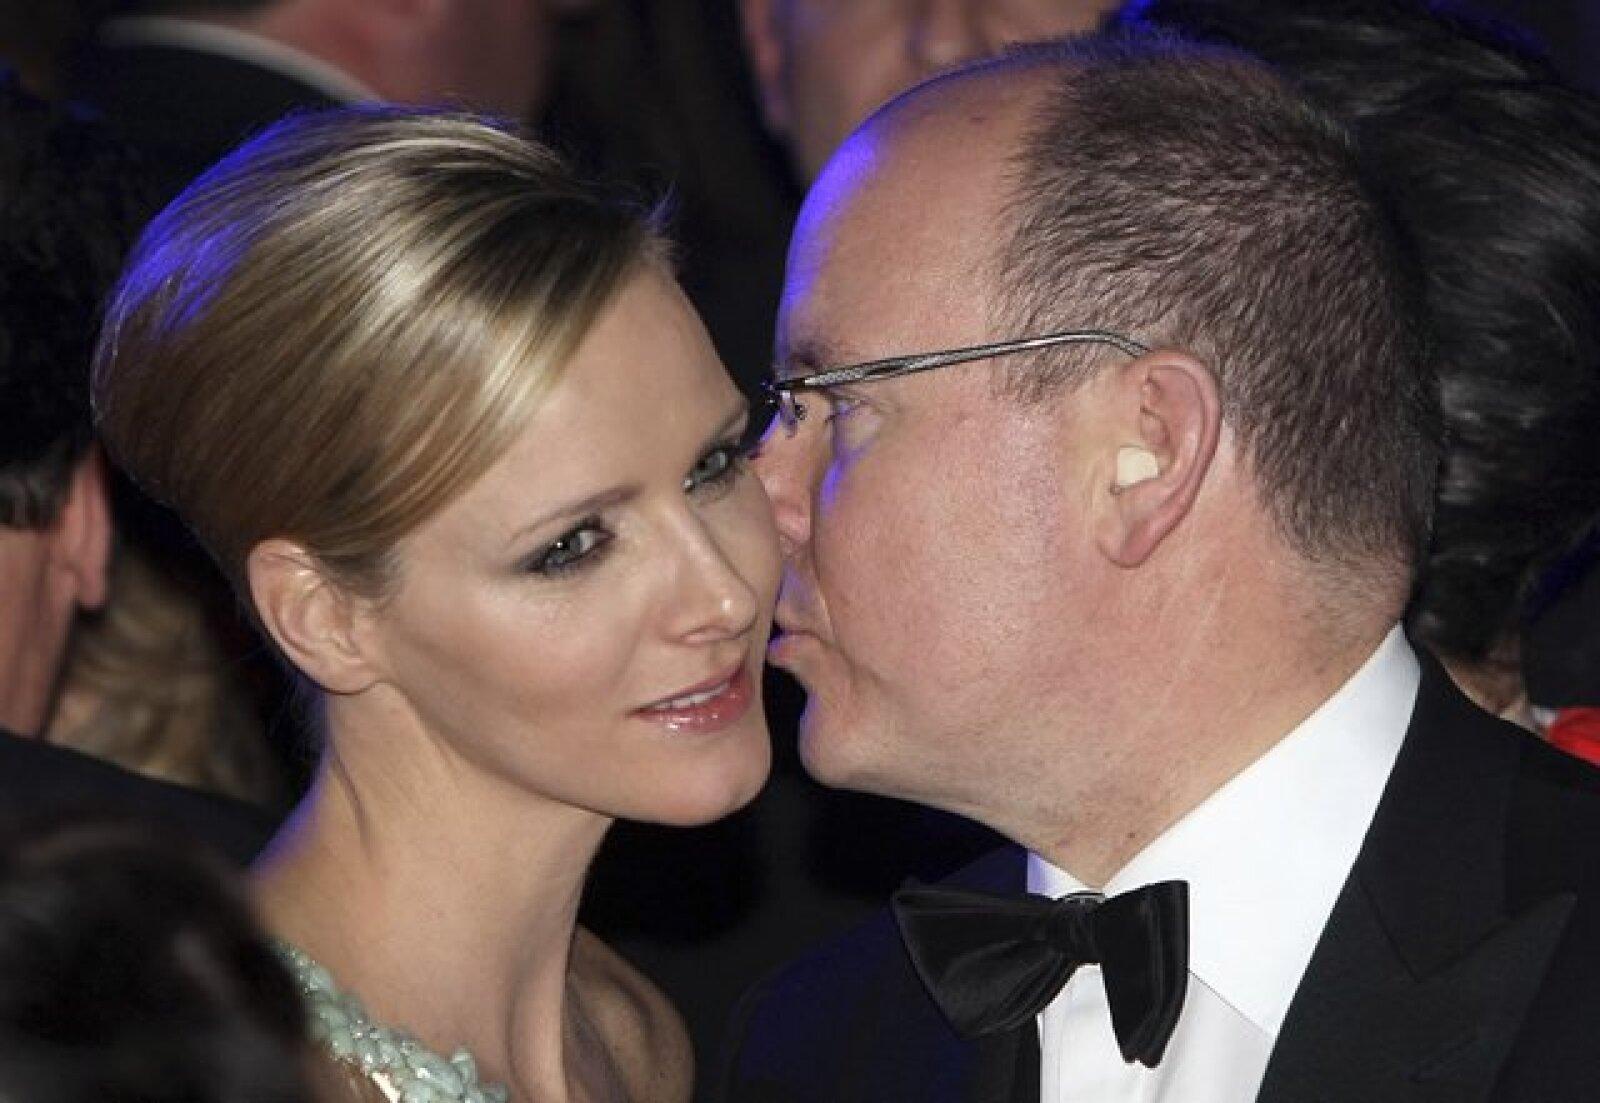 Está imagen demuestra que la relación entre el Alberto de Mónaco y Charlene sigue siendo cercana.